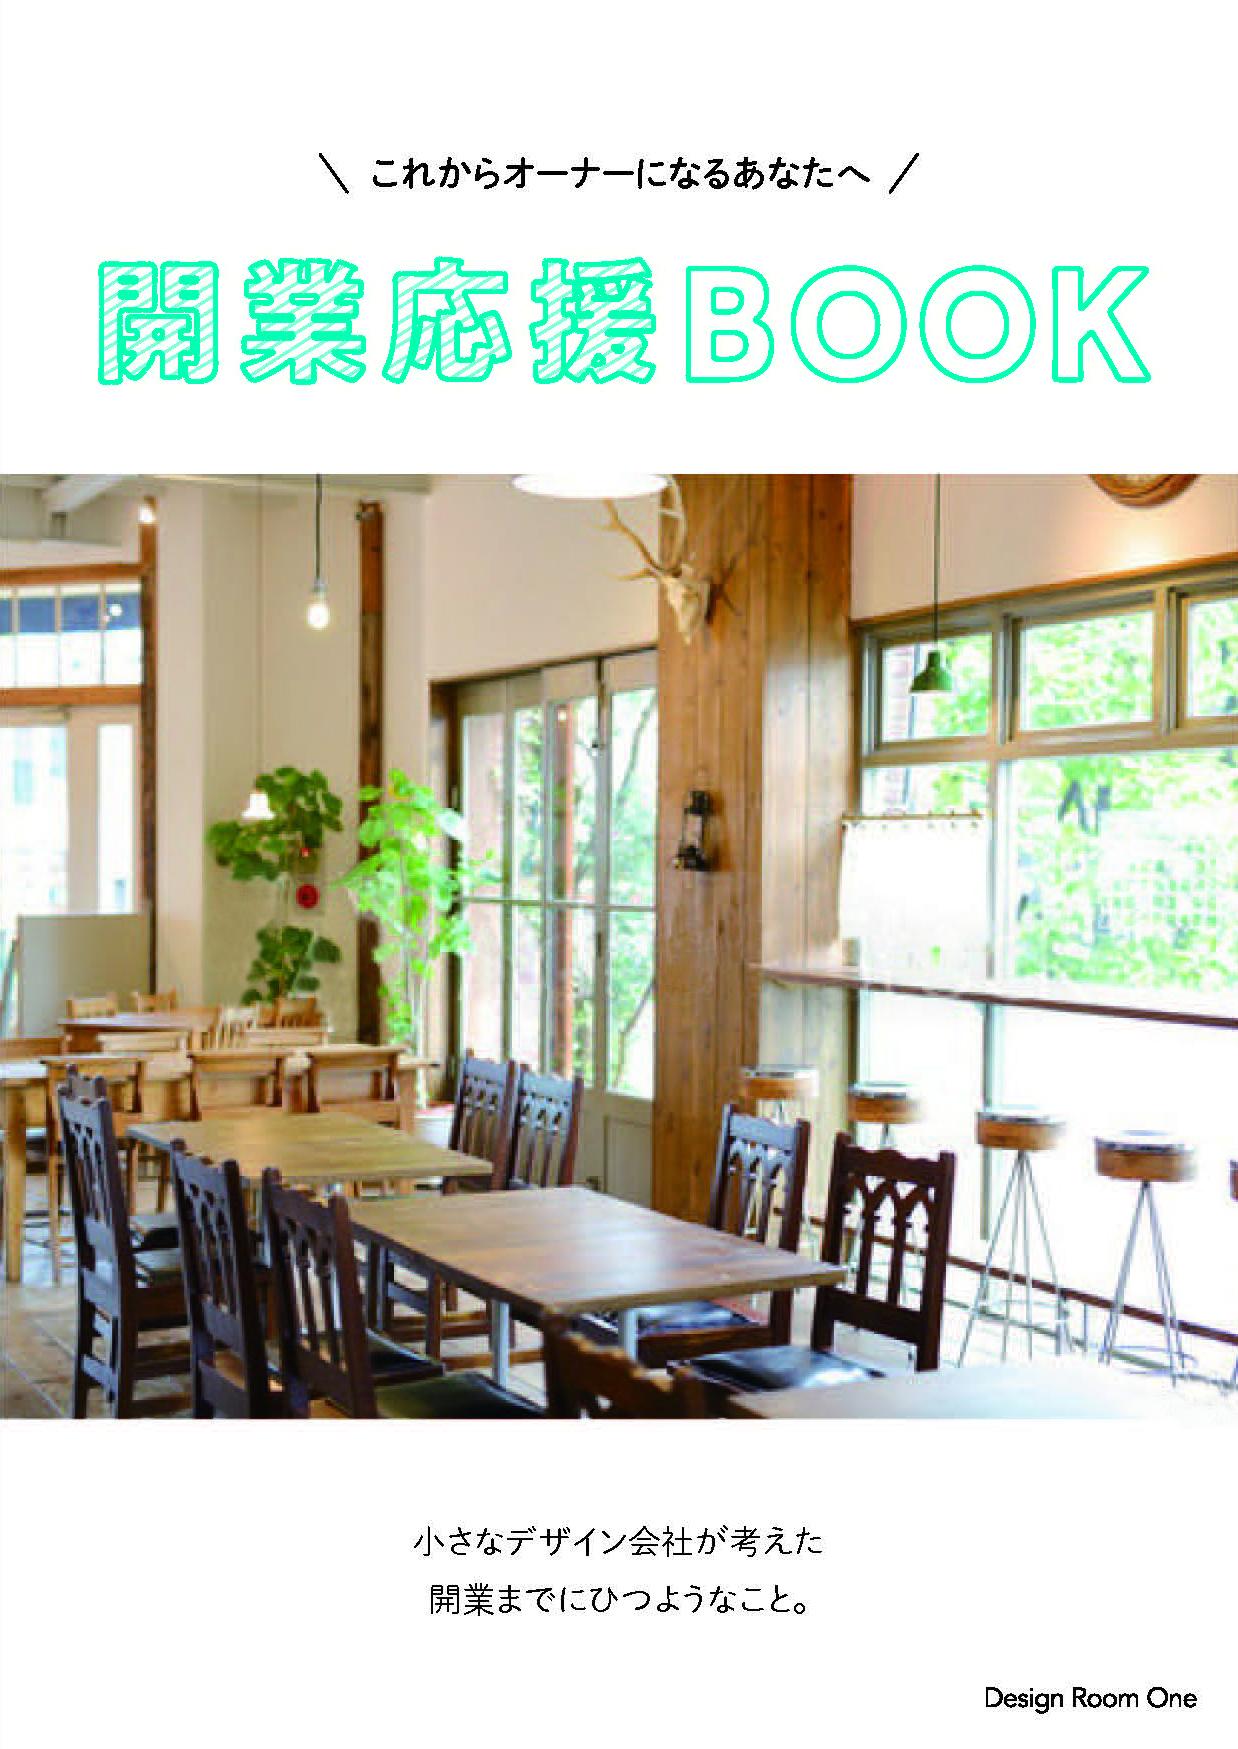 特典「開業応援BOOK」表紙